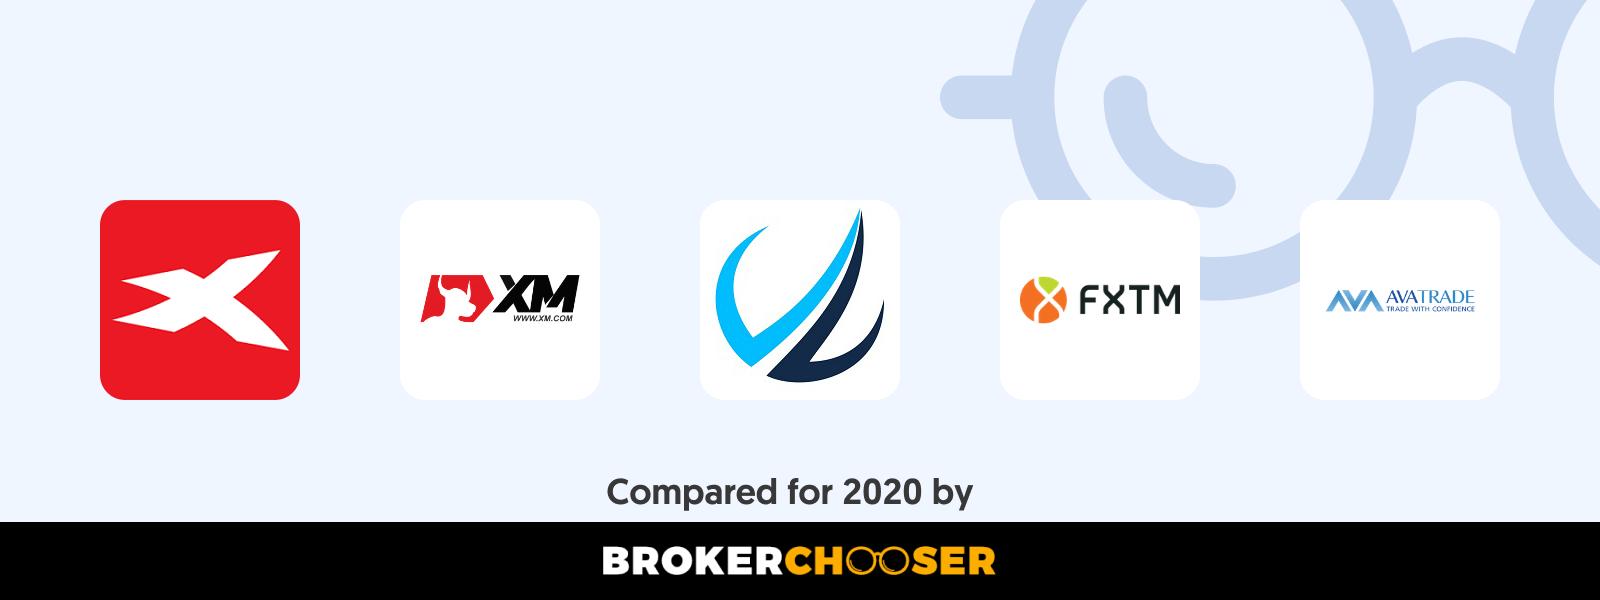 Best CFD brokers in Côte d'Ivoire in 2020